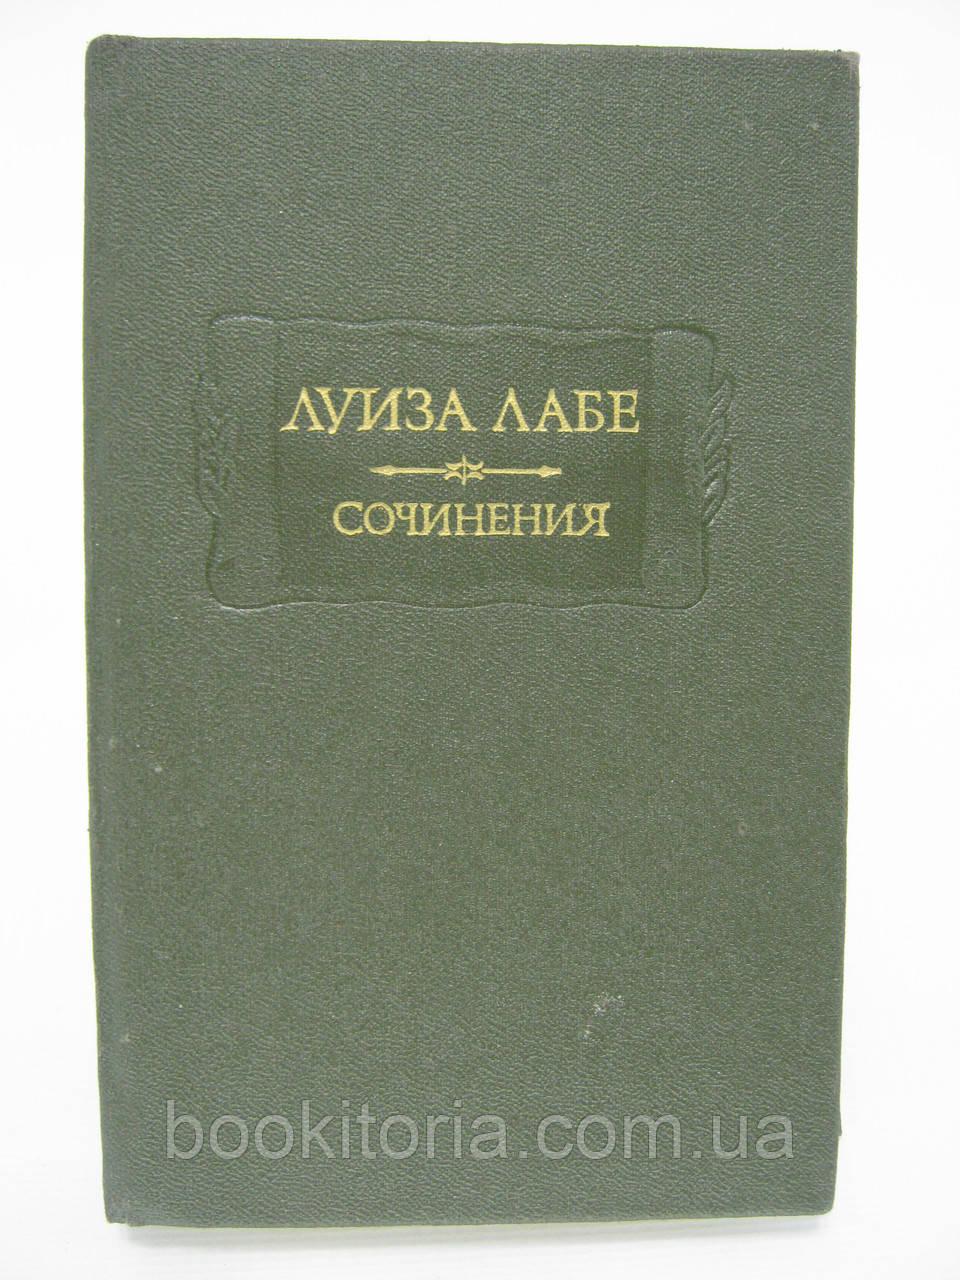 Лабе Л. Сочинения (б/у).